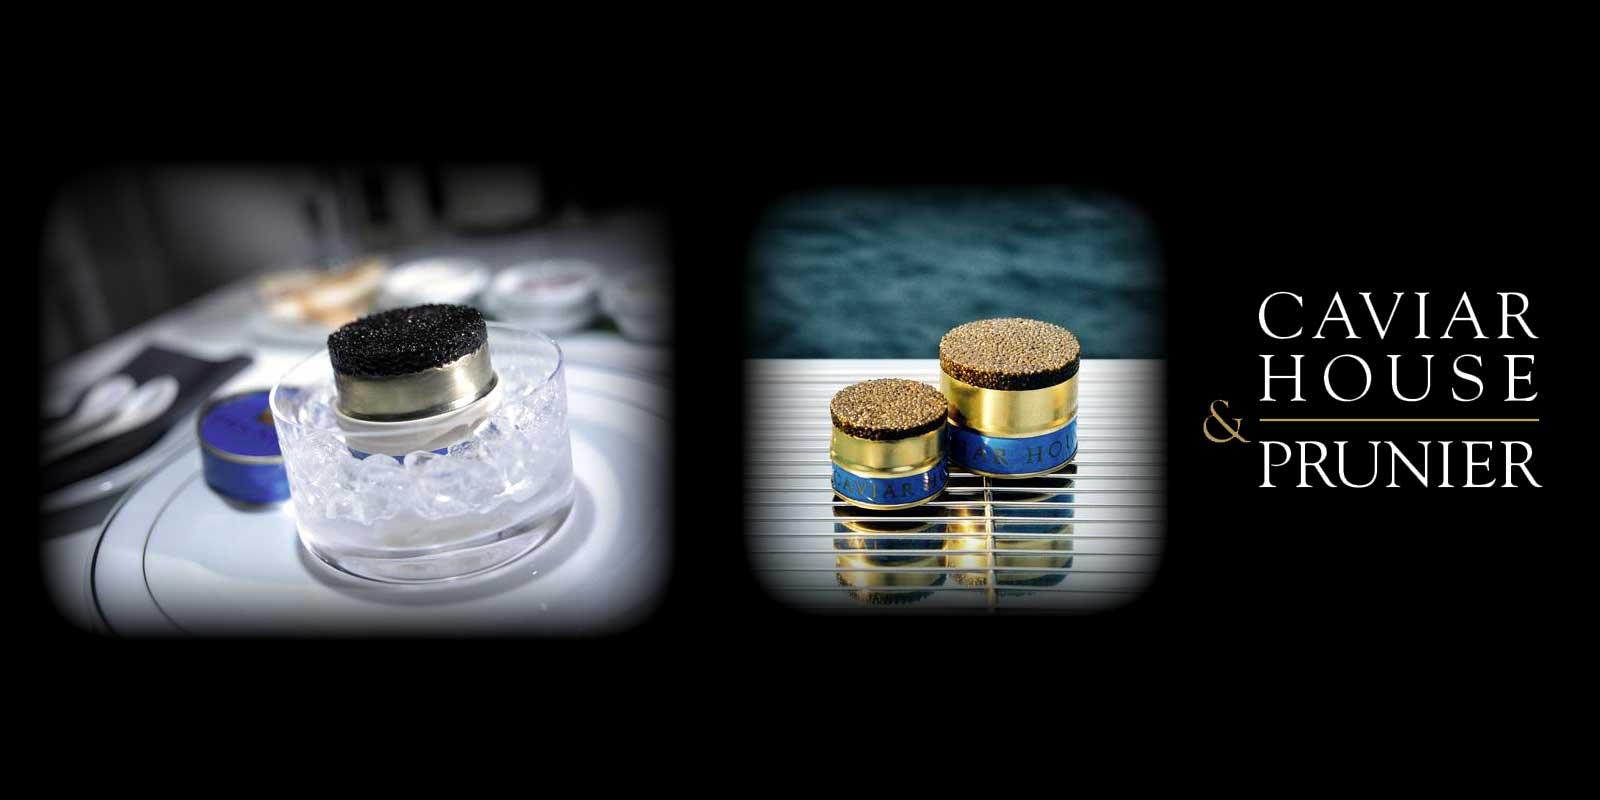 Kaviar vom Caviar House & Prunier Seit 1950 hat Caviar House sich auf diesen wunderbaren Schatz spezialisiert. Im Laufe der Jahre wurde die Kaviarselektion zur speziellen Aufgabe. Es wurde das höchste Ziel, den weltbesten Kaviar zu selektieren und zu produzieren. Caviar House & Prunier bietet Ihnen heute die beste Auswahl an feinstem Kaviar. Der Rogen kommt ausschließlich von den besten Stör-Farmen der ganzen Welt, die exklusive Methoden zur Herstellung von feinstem Kaviar anwenden.